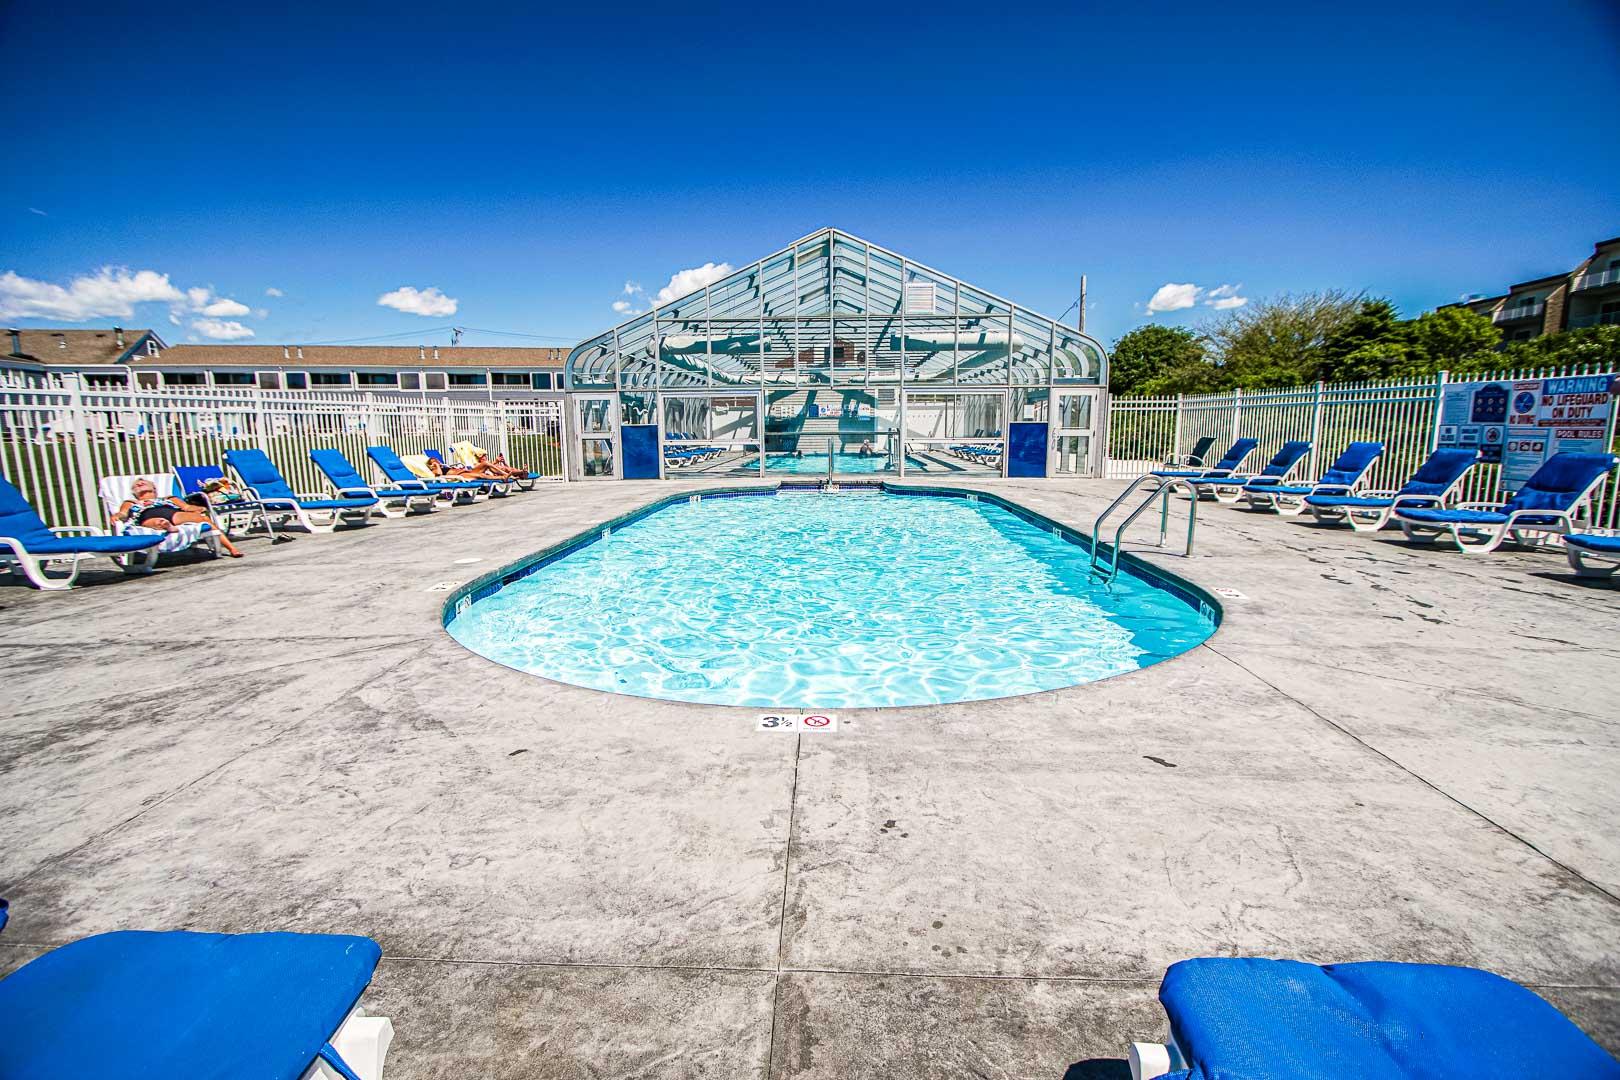 Edgewater Beach Resort Condo Units